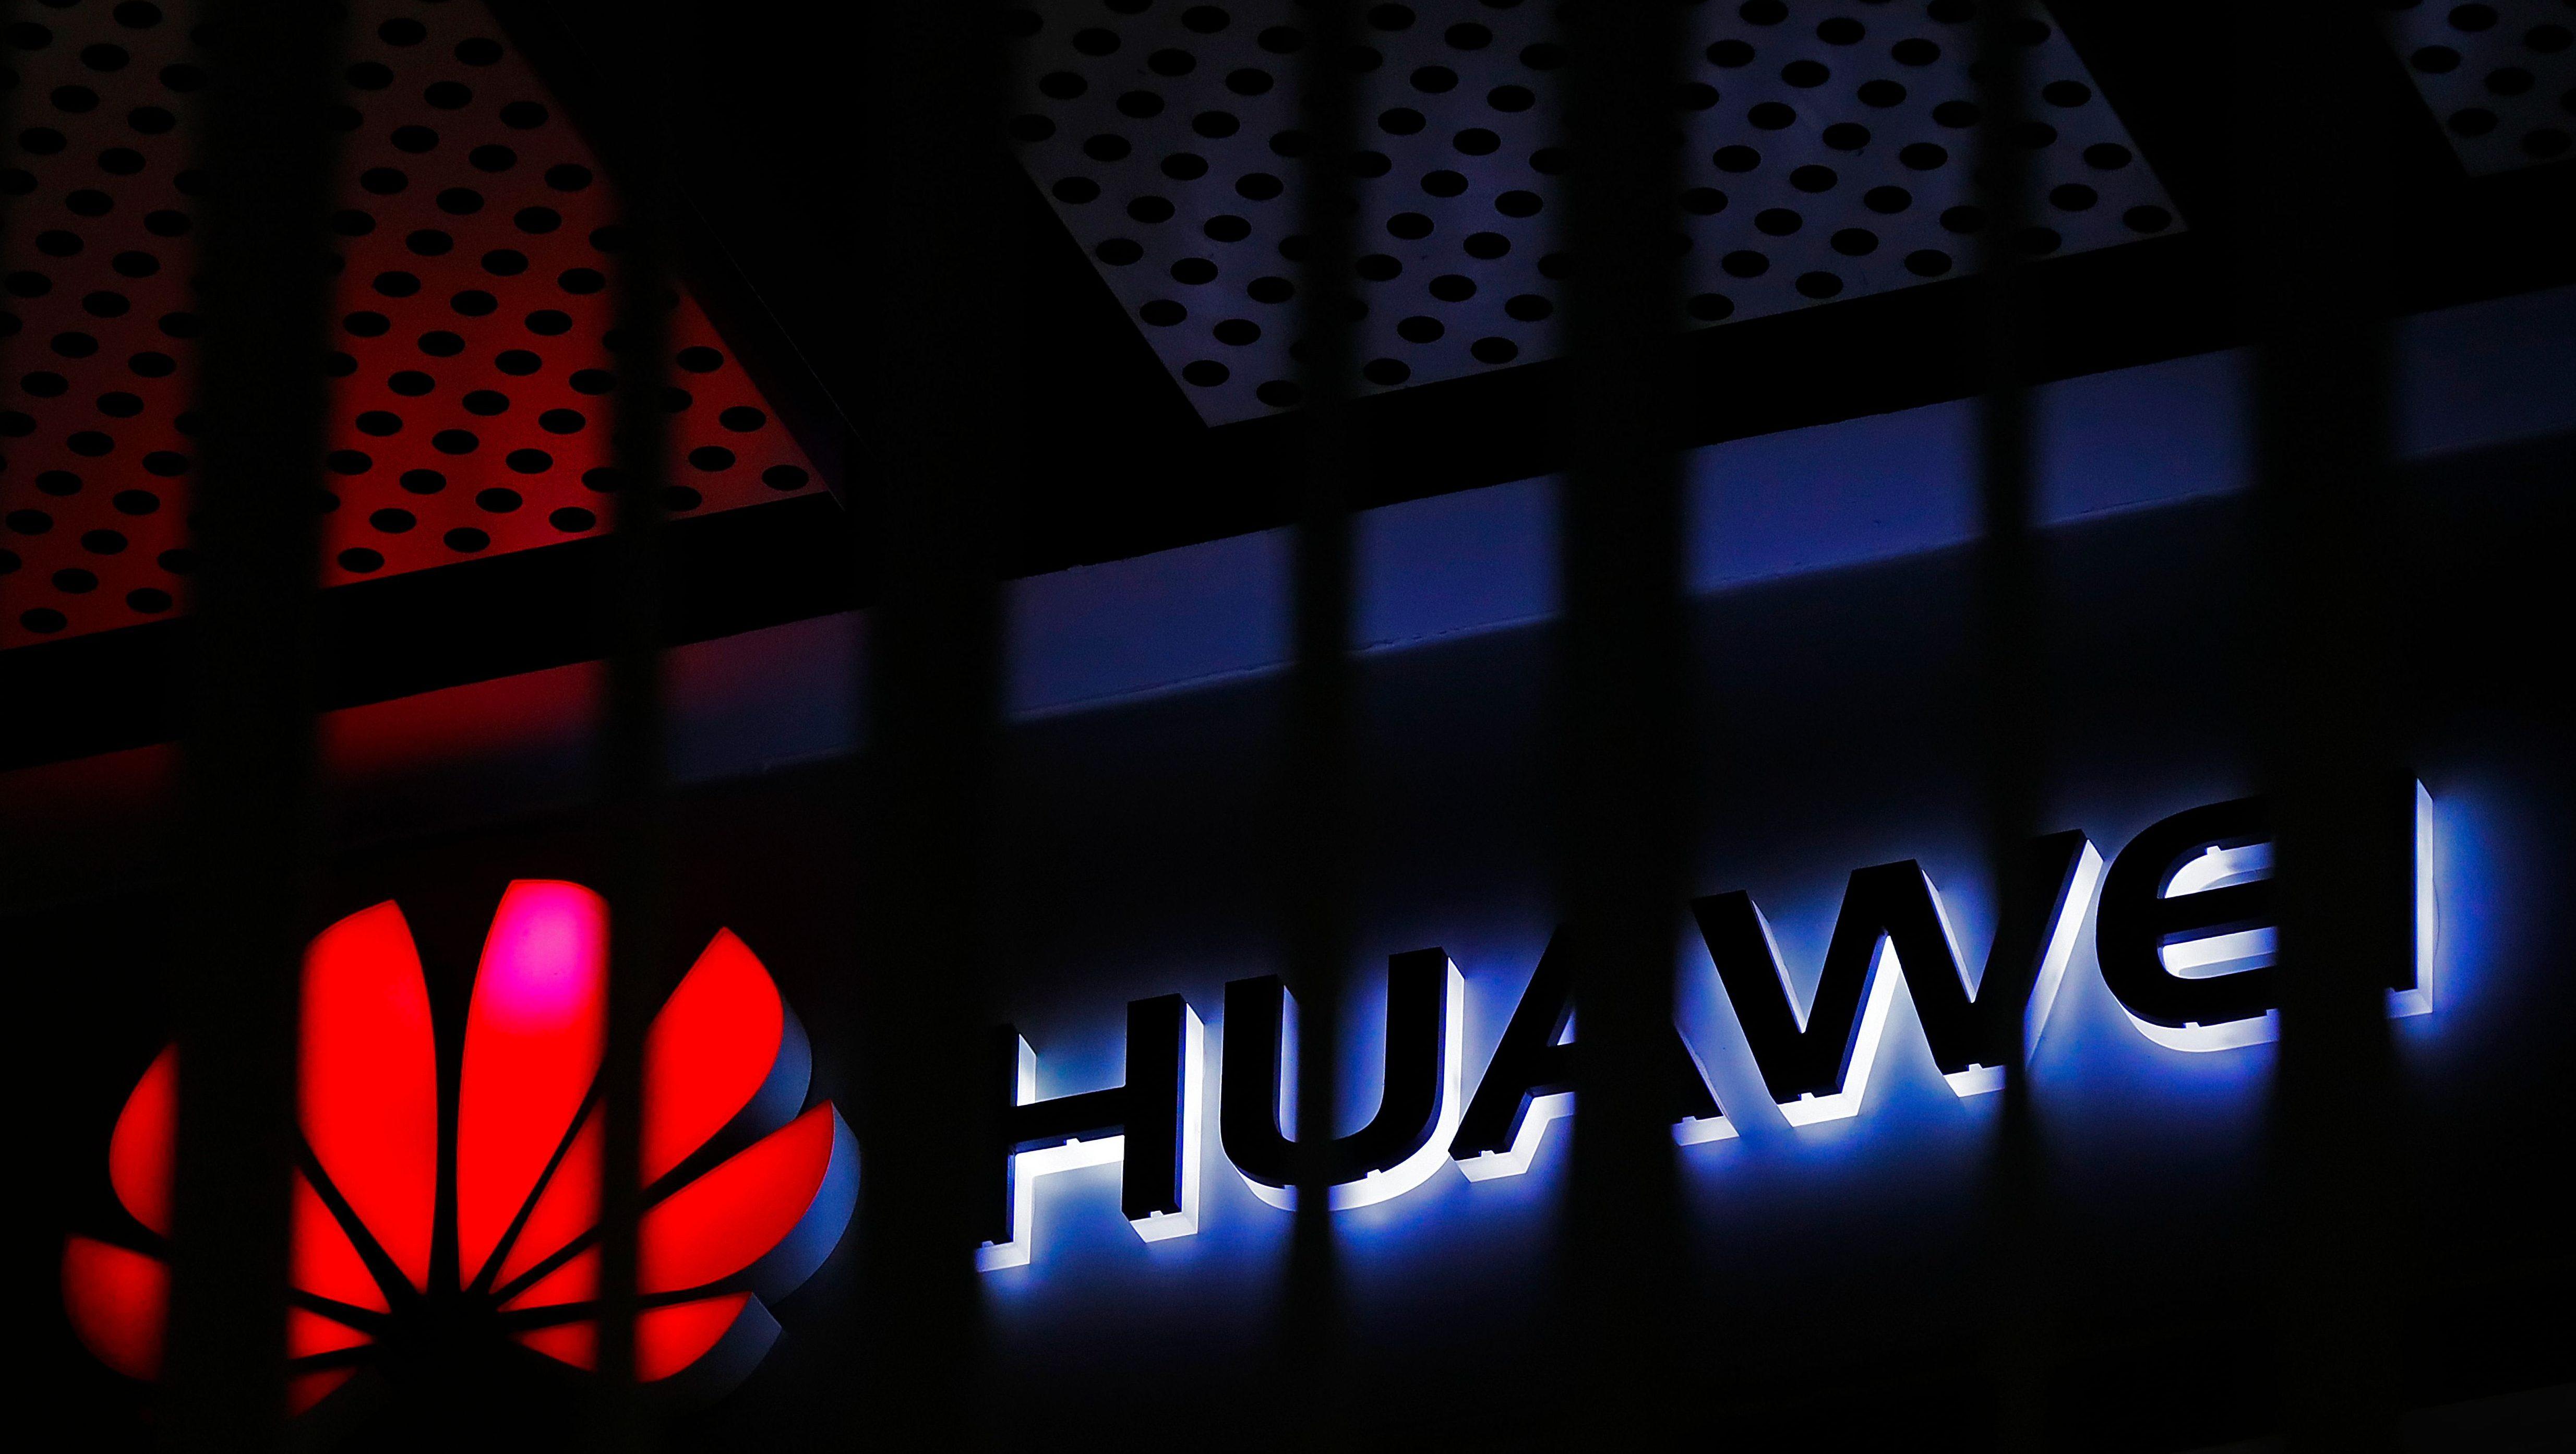 Huawei's sales in 2018 cross $100 billion — Quartz